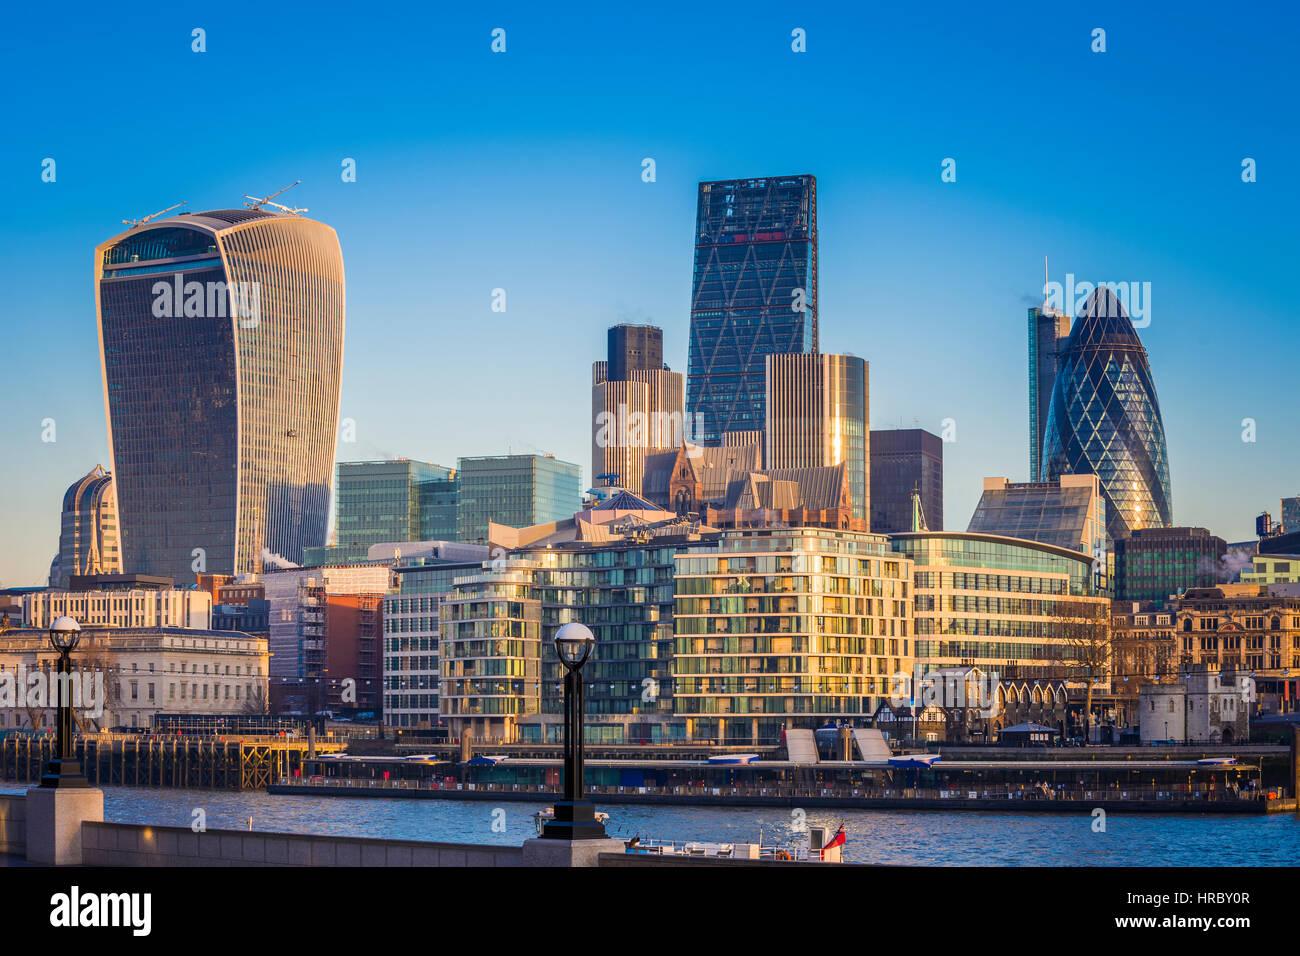 Londres, Royaume-Uni - le célèbre quartier des affaires de Londres avec des gratte-ciel et ciel bleu clair Photo Stock